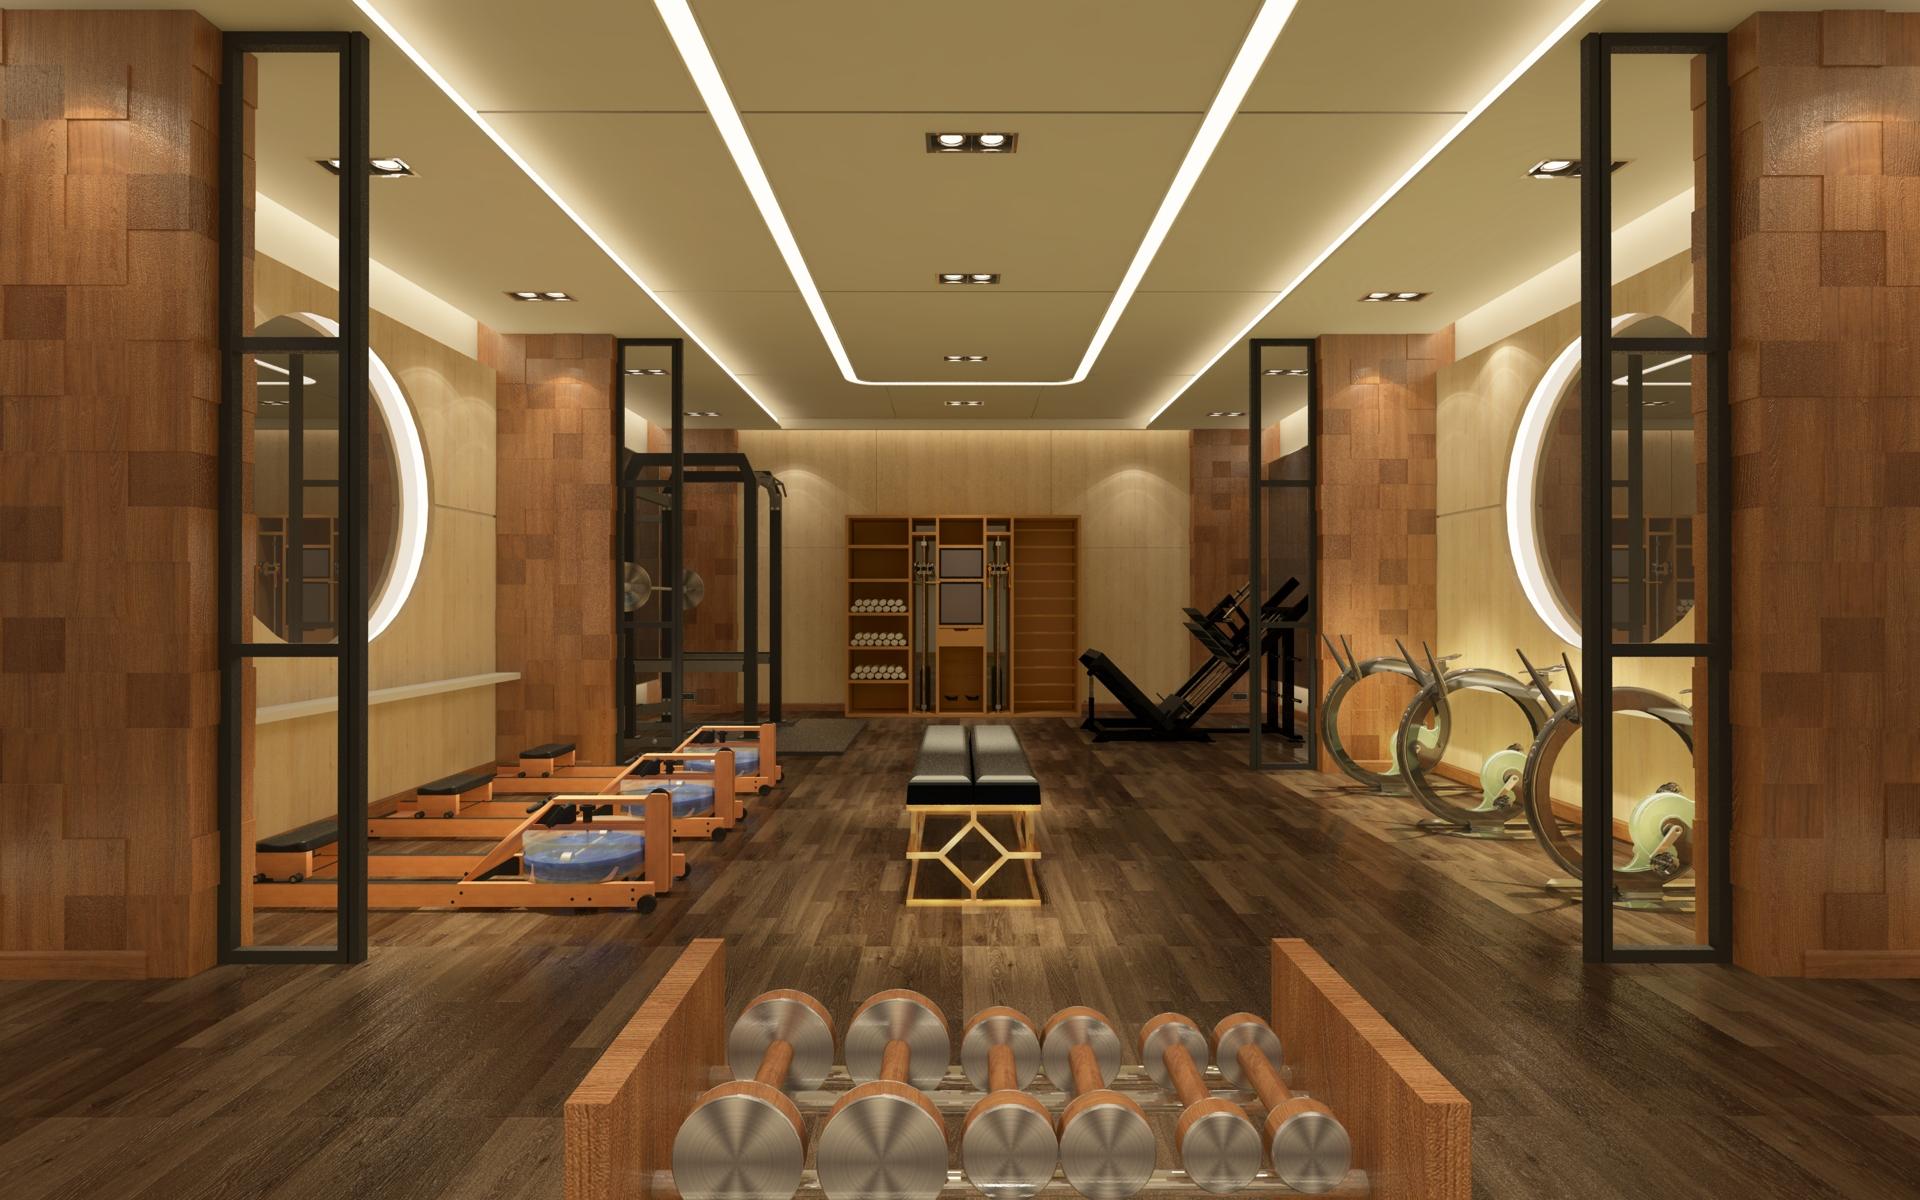 Das Home Gym als neuer Trend im Interior Design